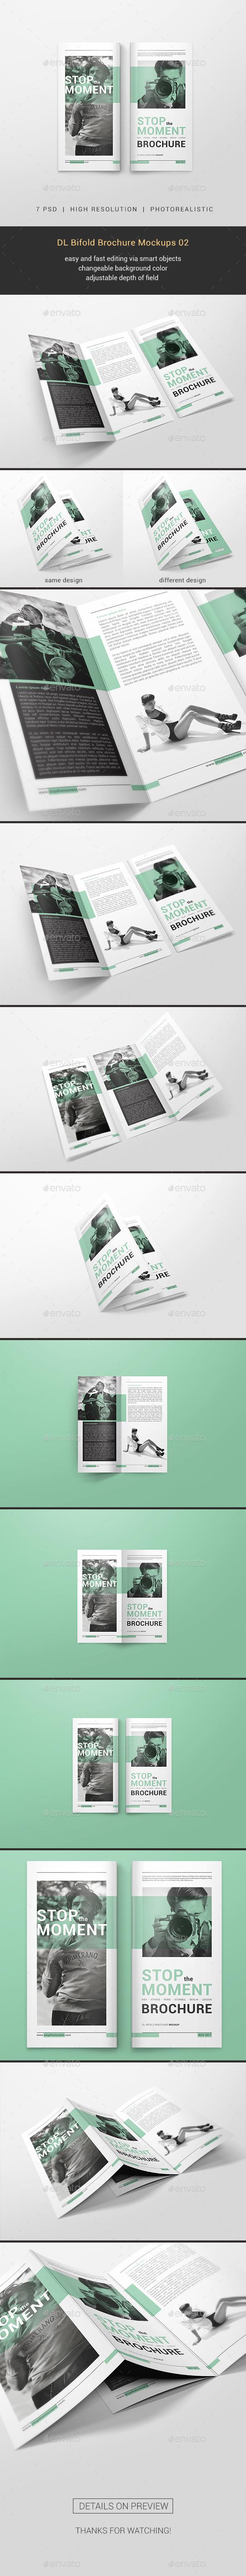 GraphicRiver DL Bifold Brochure Mockups 02 20949294